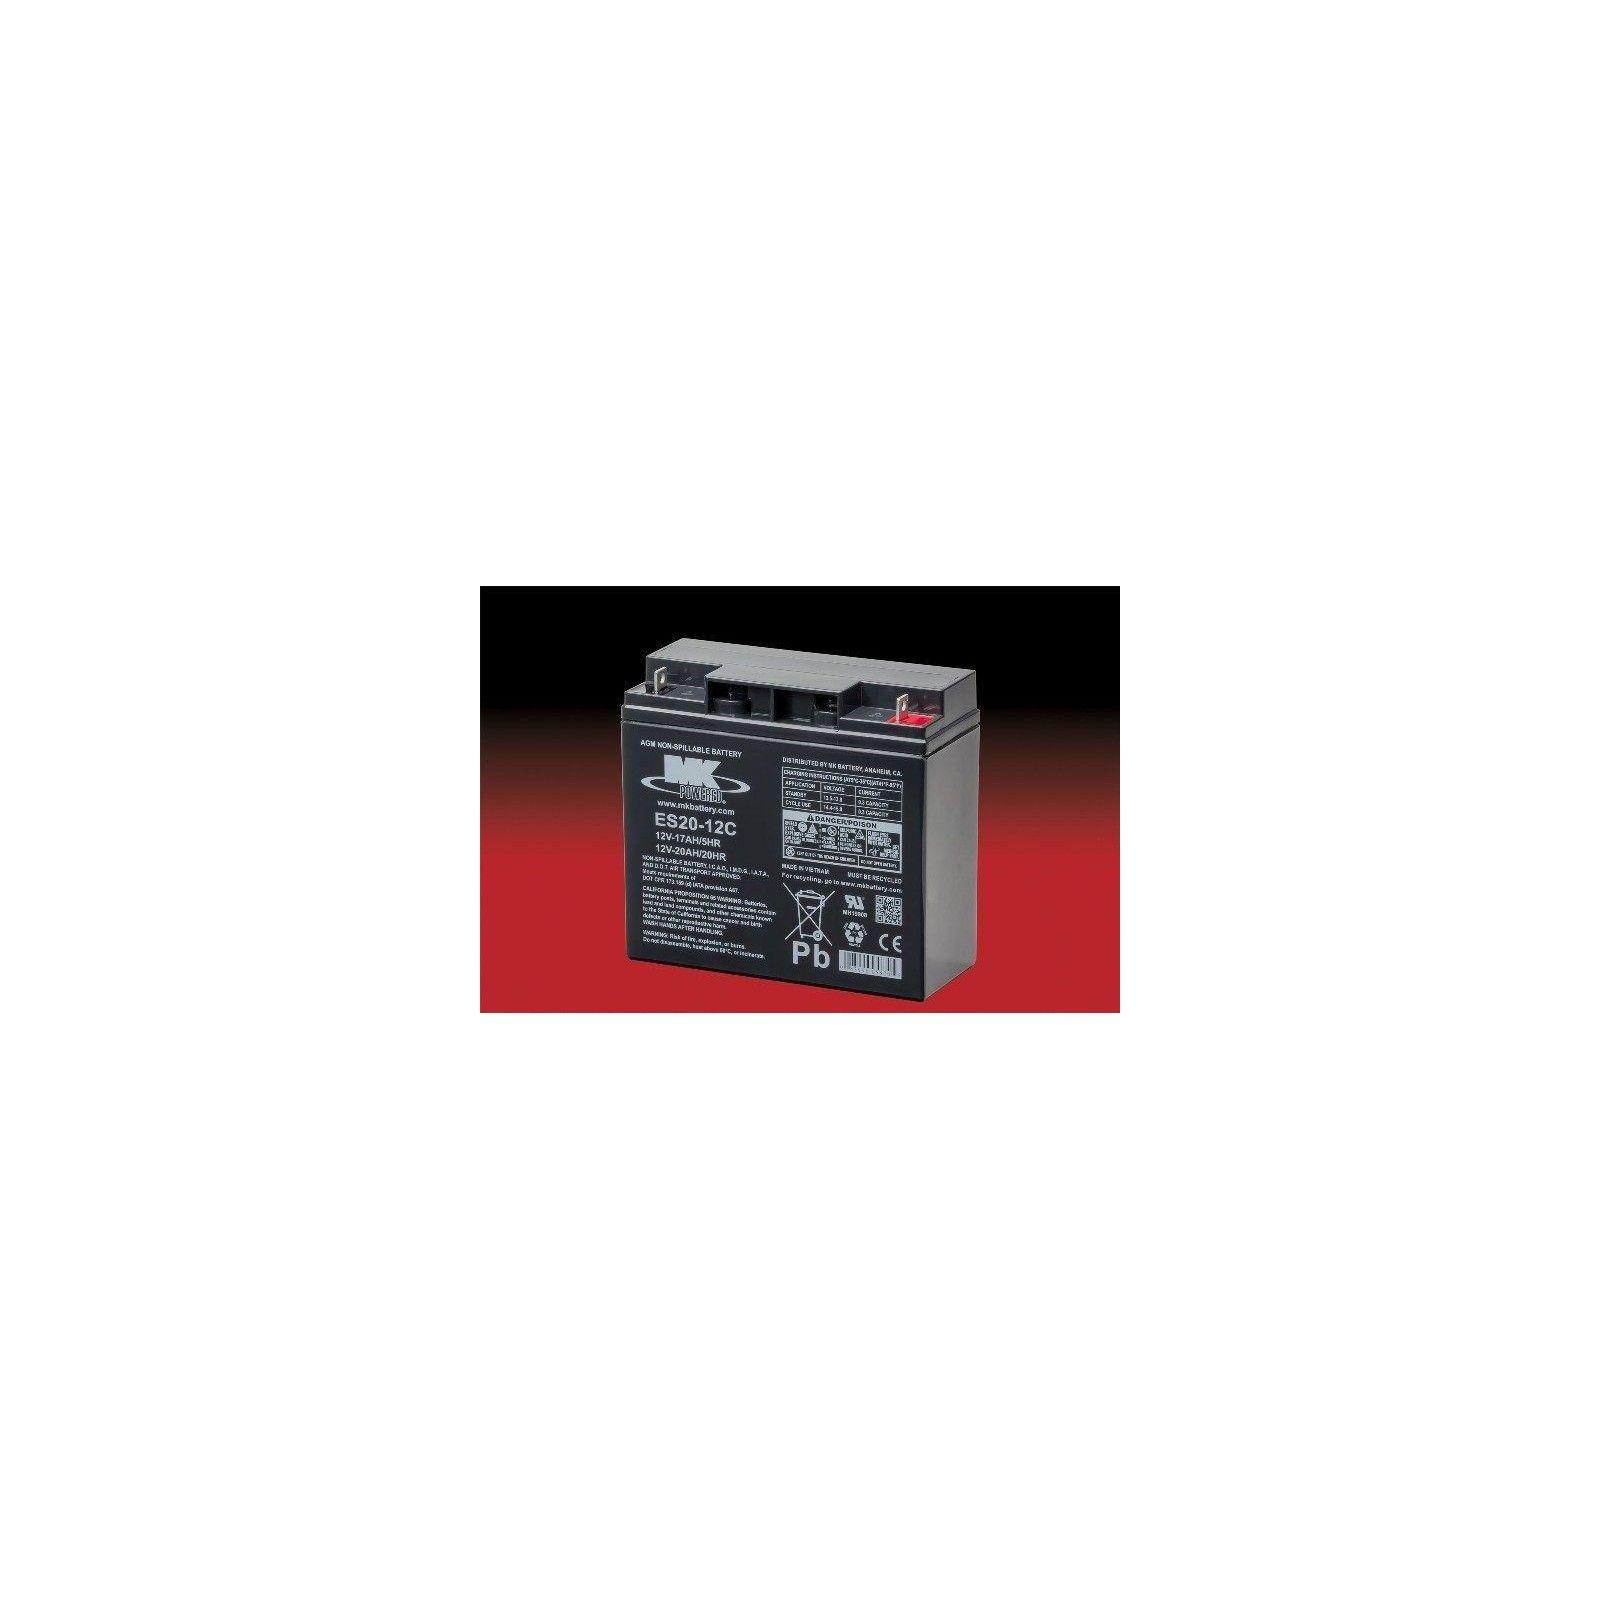 Batería MK ES20-12C 20Ah 12V Agm MK - 1